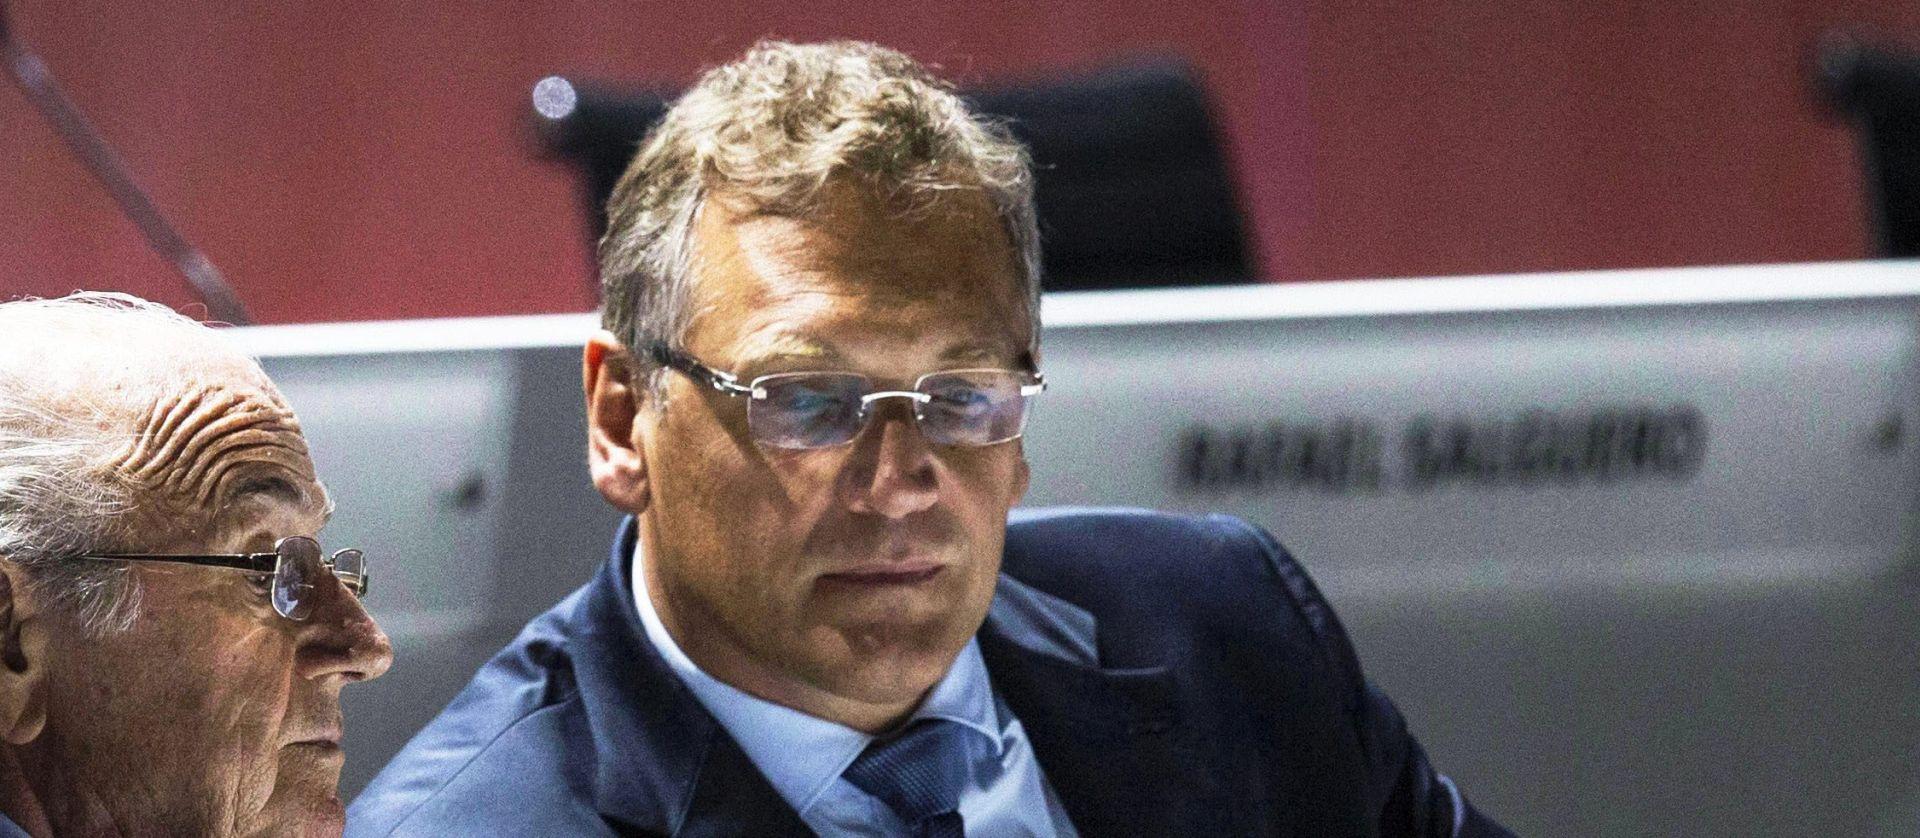 FIFA: Jerome Valckea dobio otkaz kao glavni tajnik